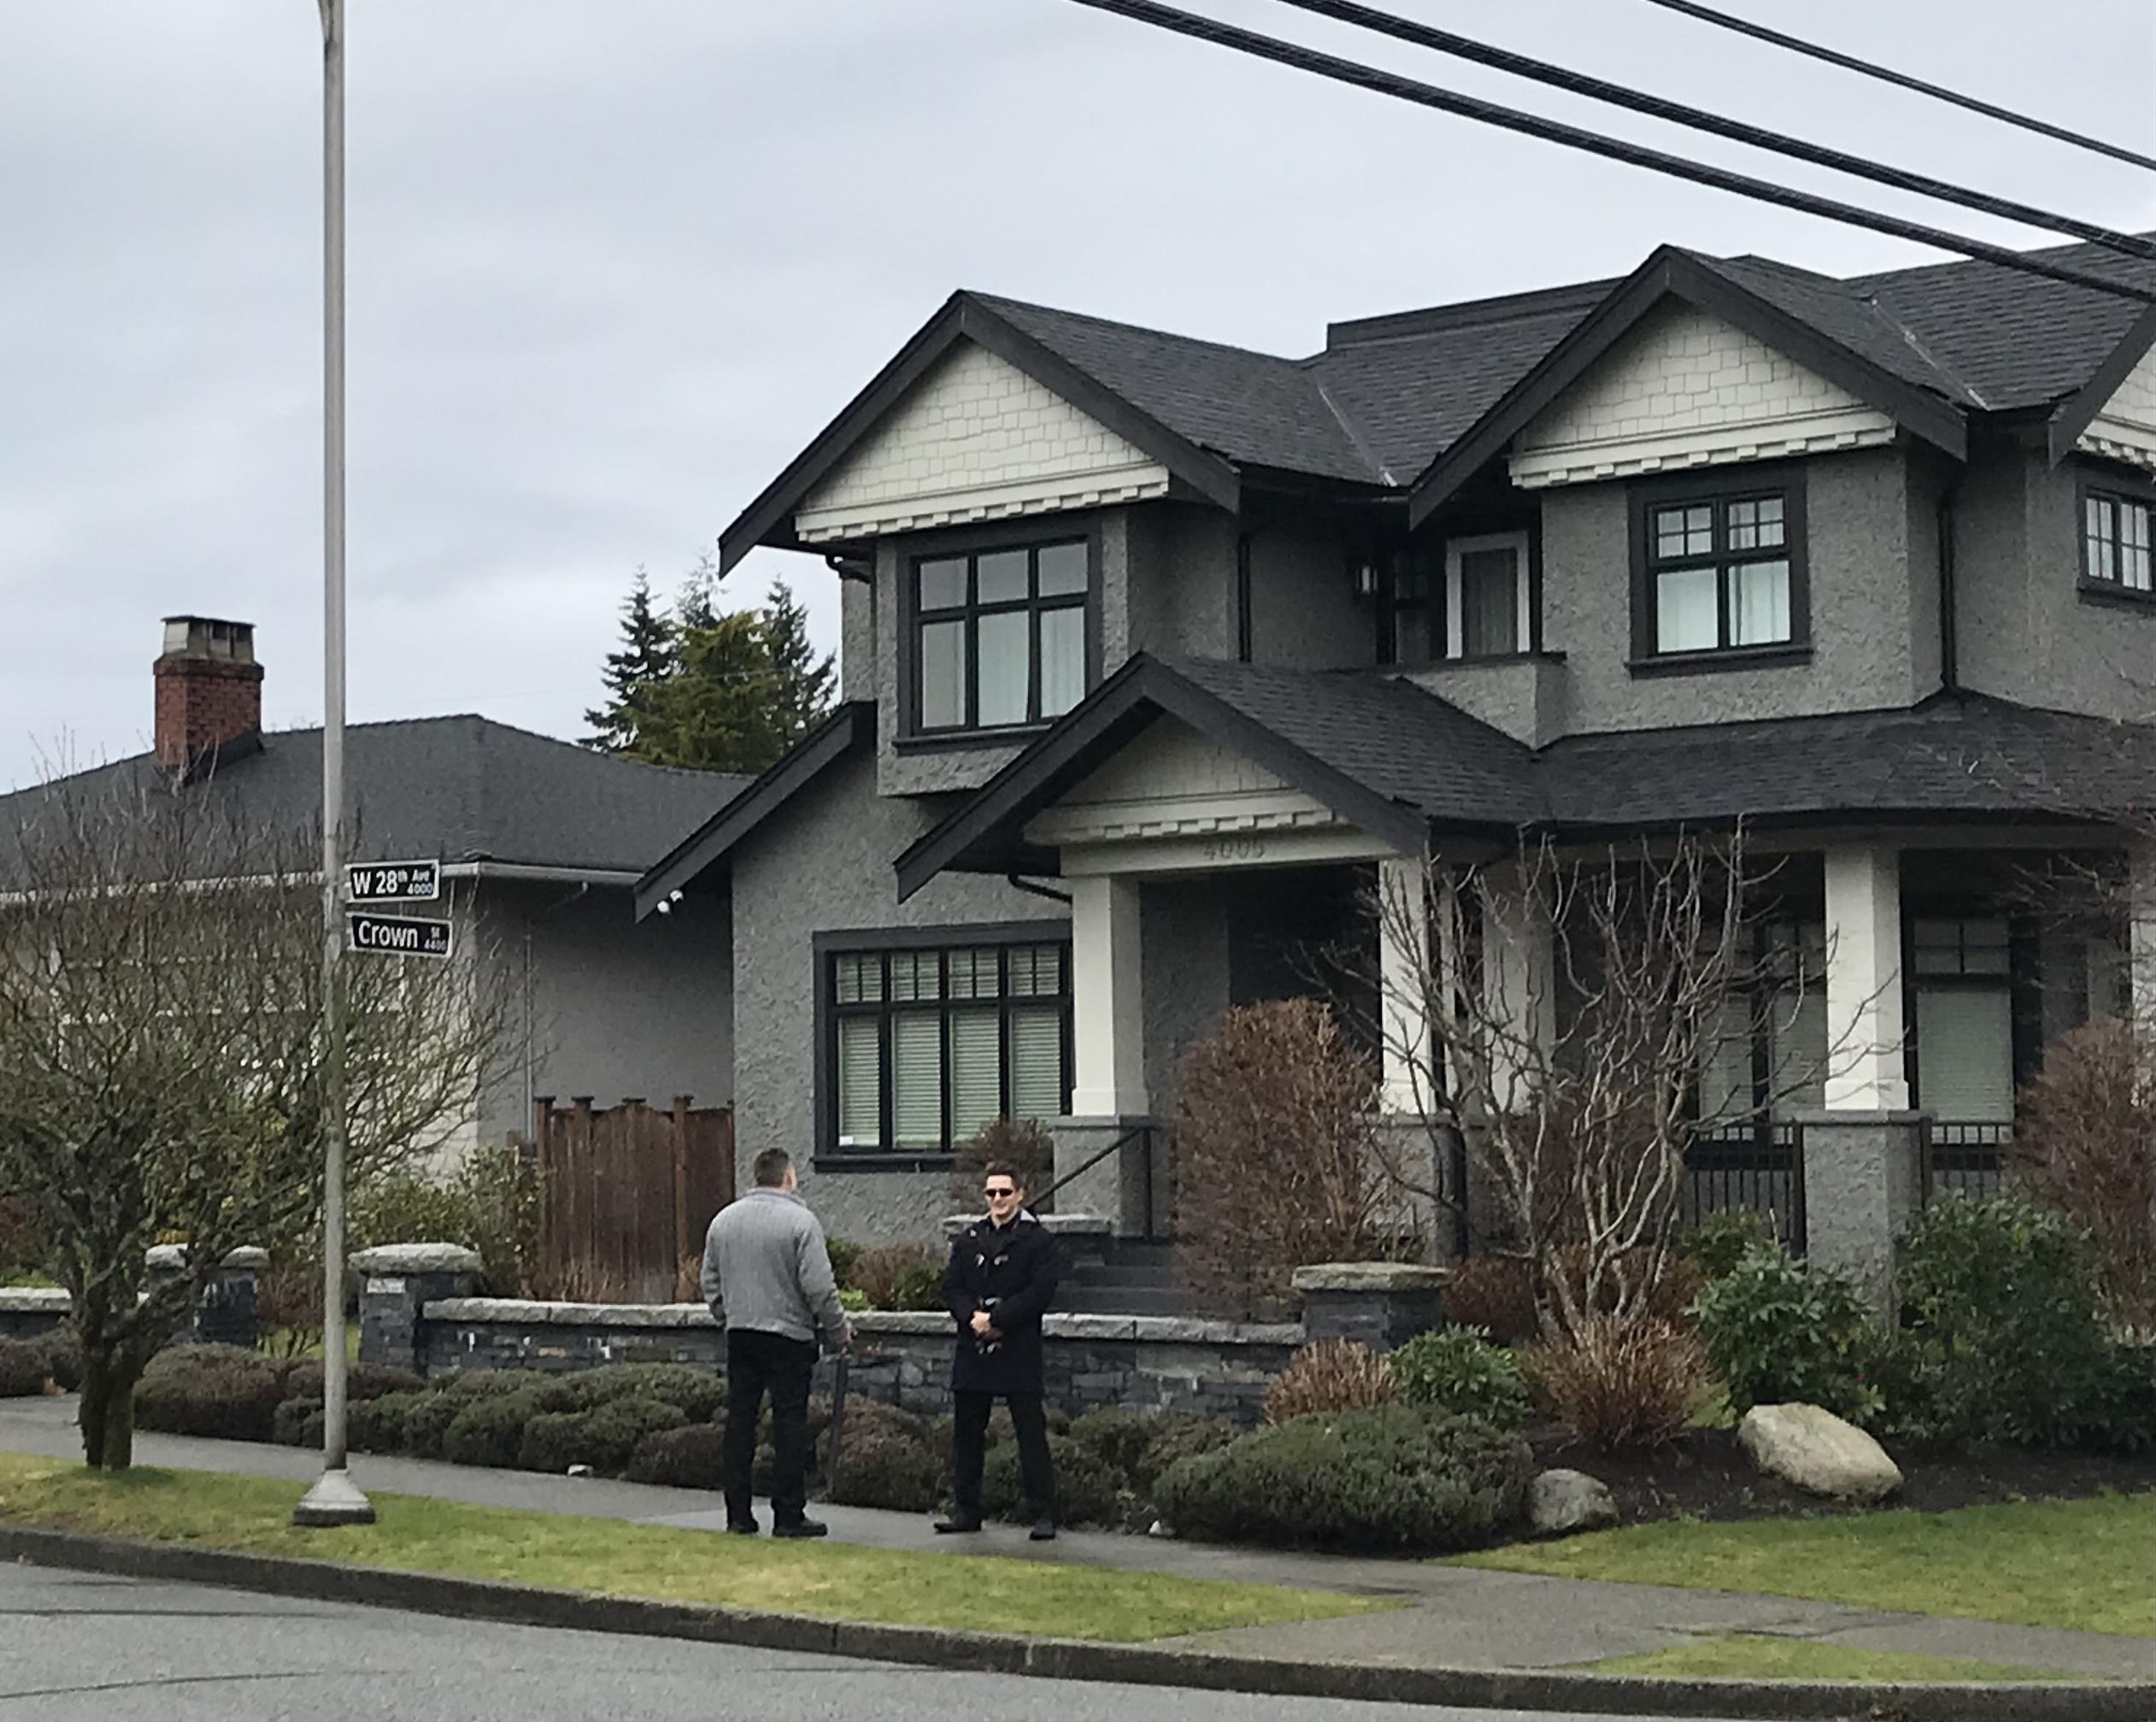 圖為2018年12月22日,孟晚舟被保釋在溫哥華W 28街的豪宅,周圍均有保安及車輛。(唐風/大紀元)